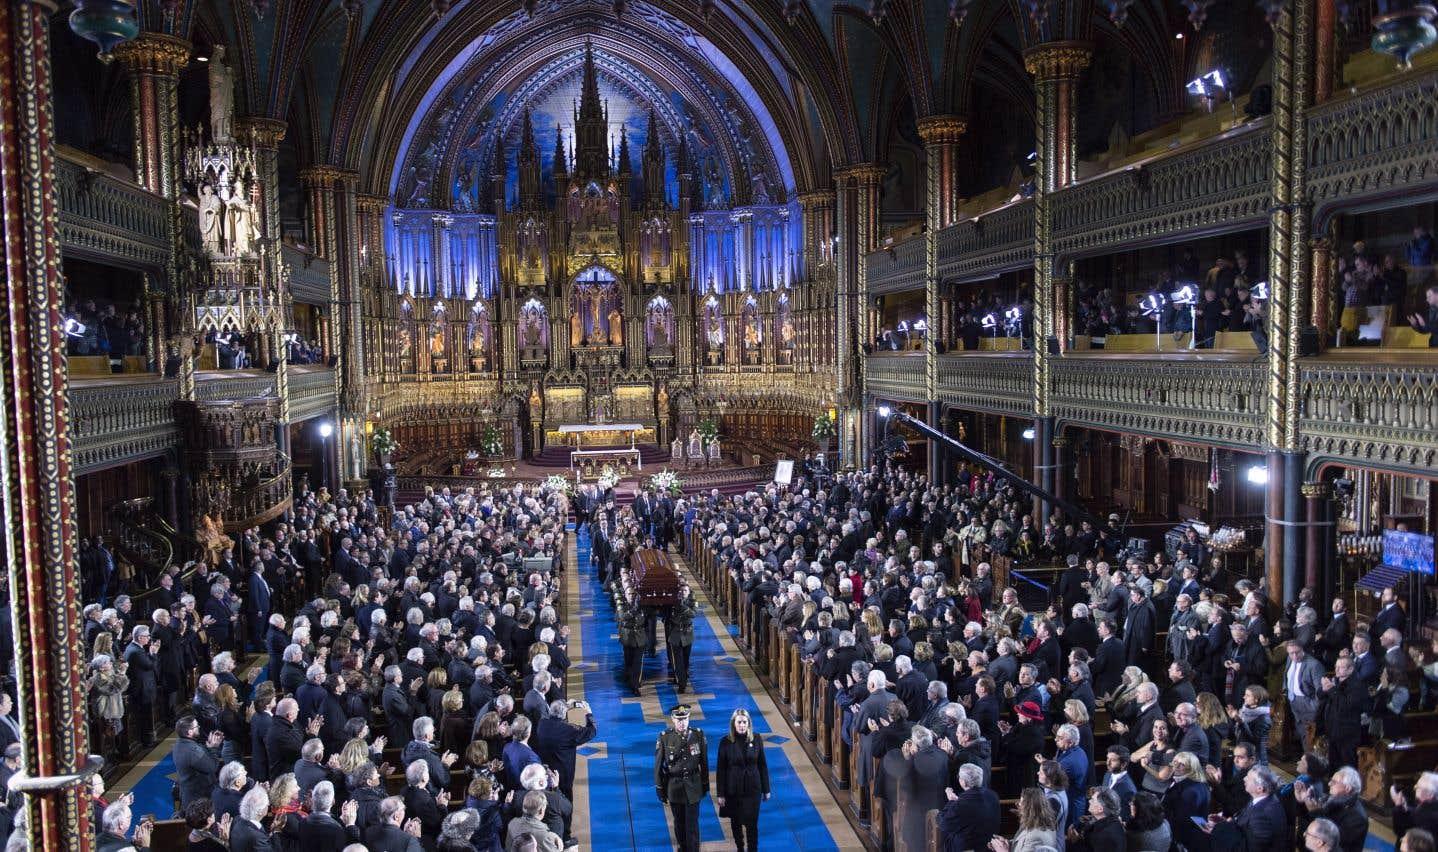 Ce sont les mots du poète Gaston Miron qui ont le plus souvent résonné dans la basilique Notre-Dame, où se déroulaient les funérailles d'État de l'ancien premier ministre Bernard Landry.